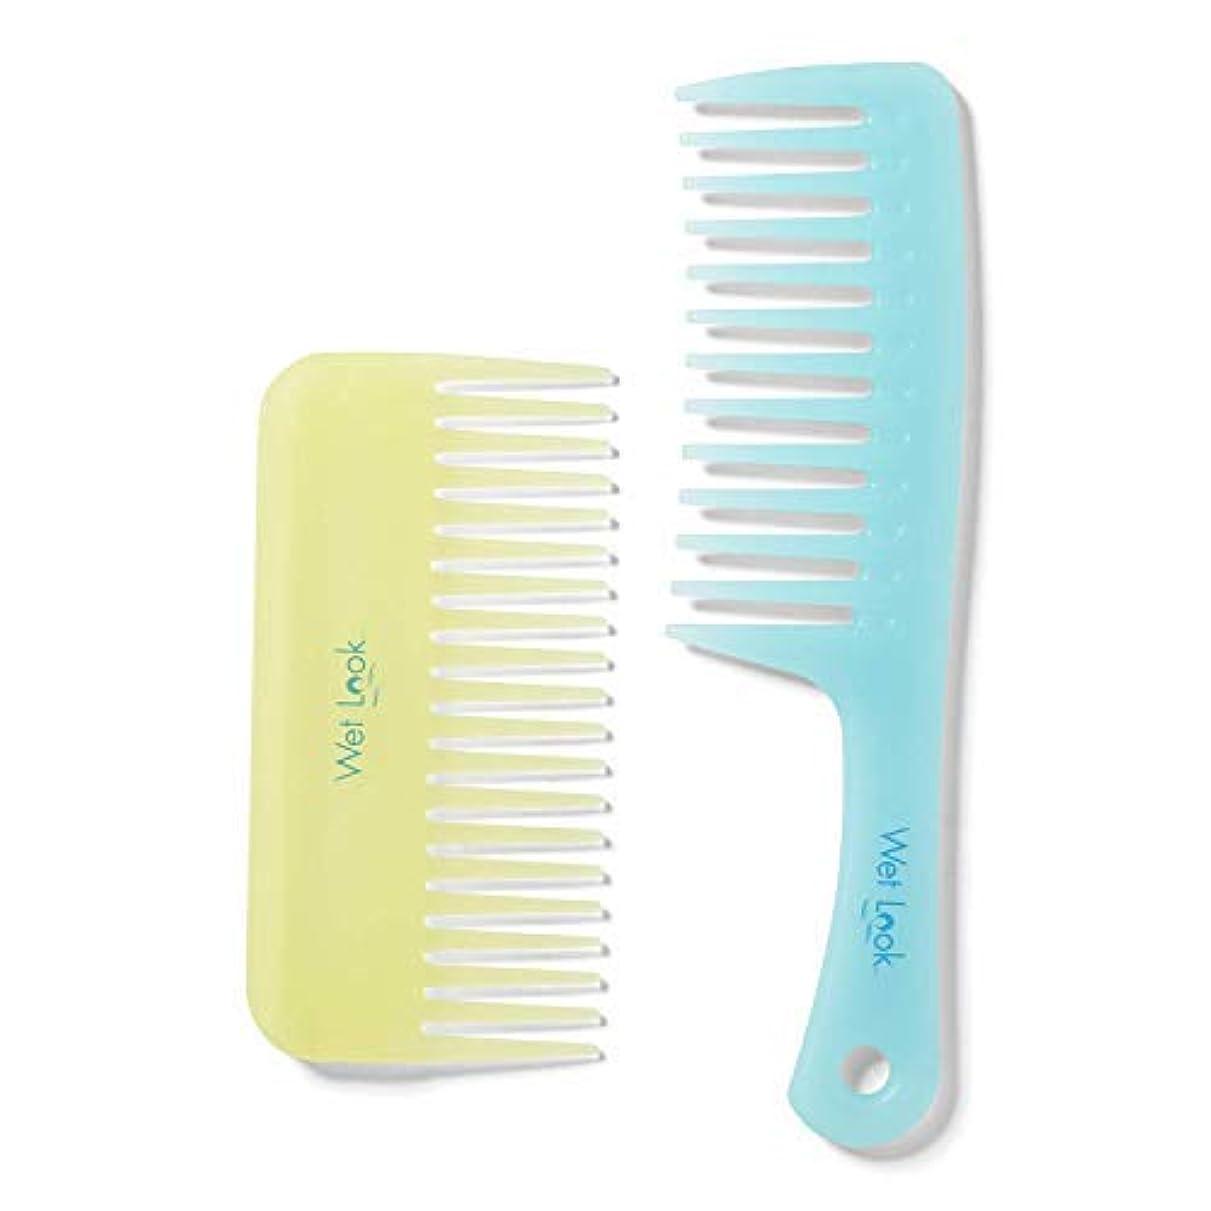 血まみれの転倒加速度Wet Look Shower and Wide Tooth Comb Set [並行輸入品]